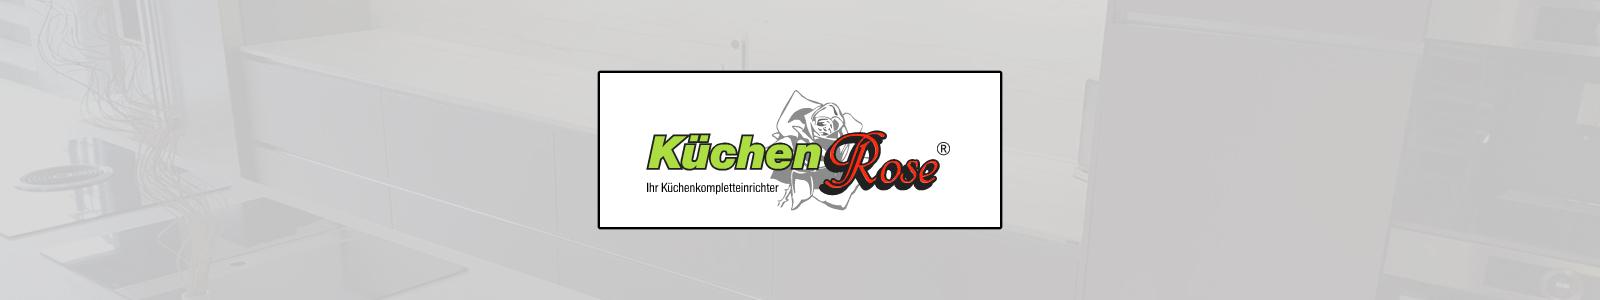 Küchen Rose Pößneck kuechenguide.com